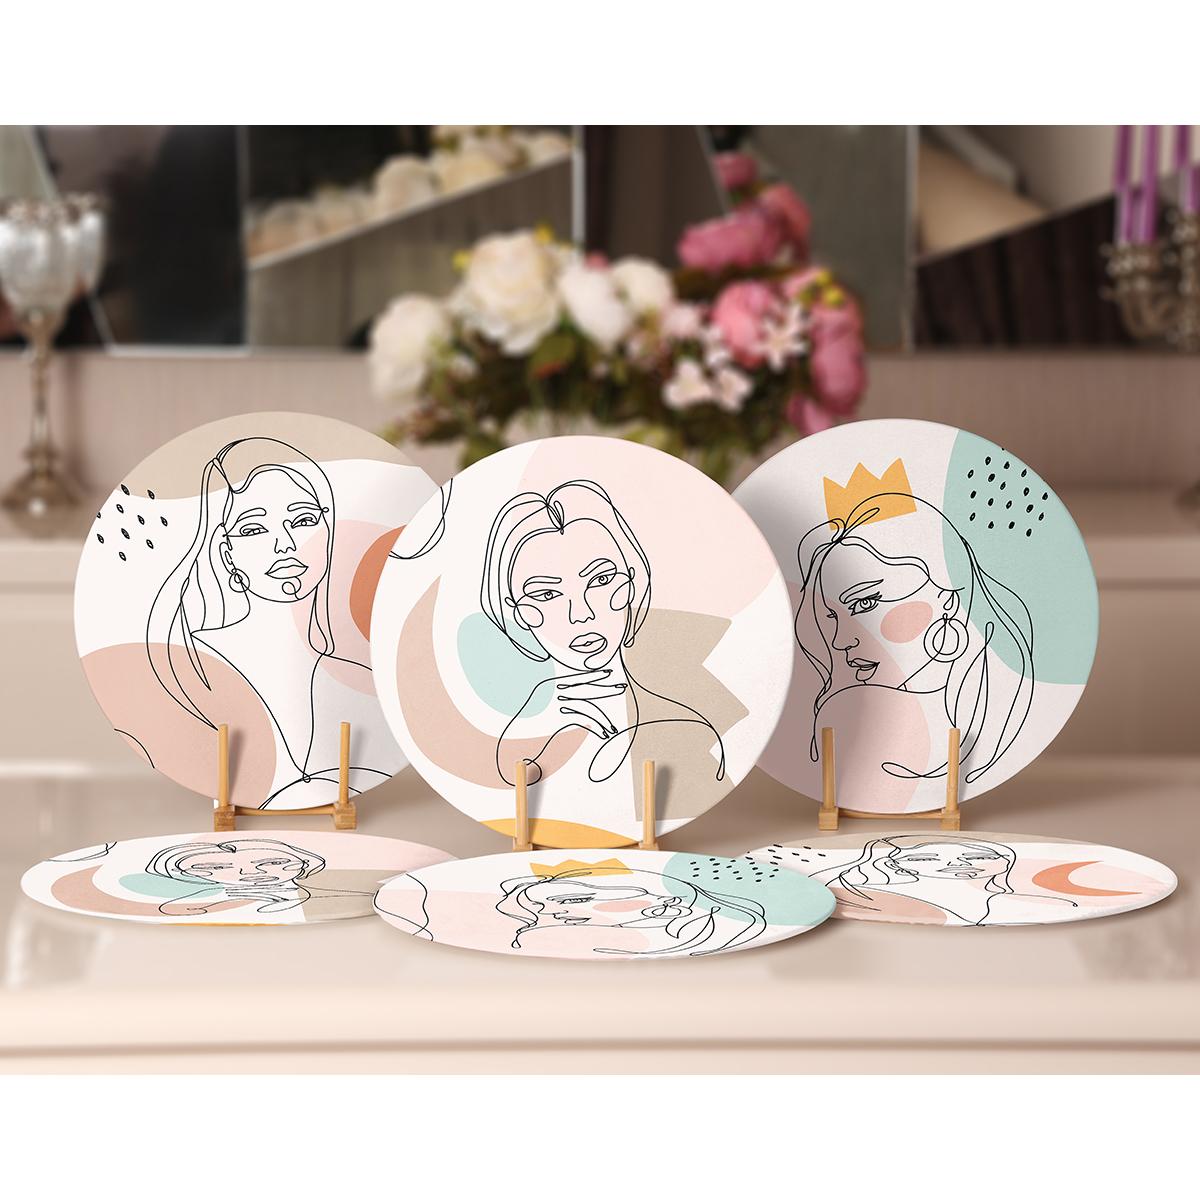 6'lı Onedraw Kadın Silüet Çizimli Özel Tasarım Servis Altlığı & Supla Realhomes